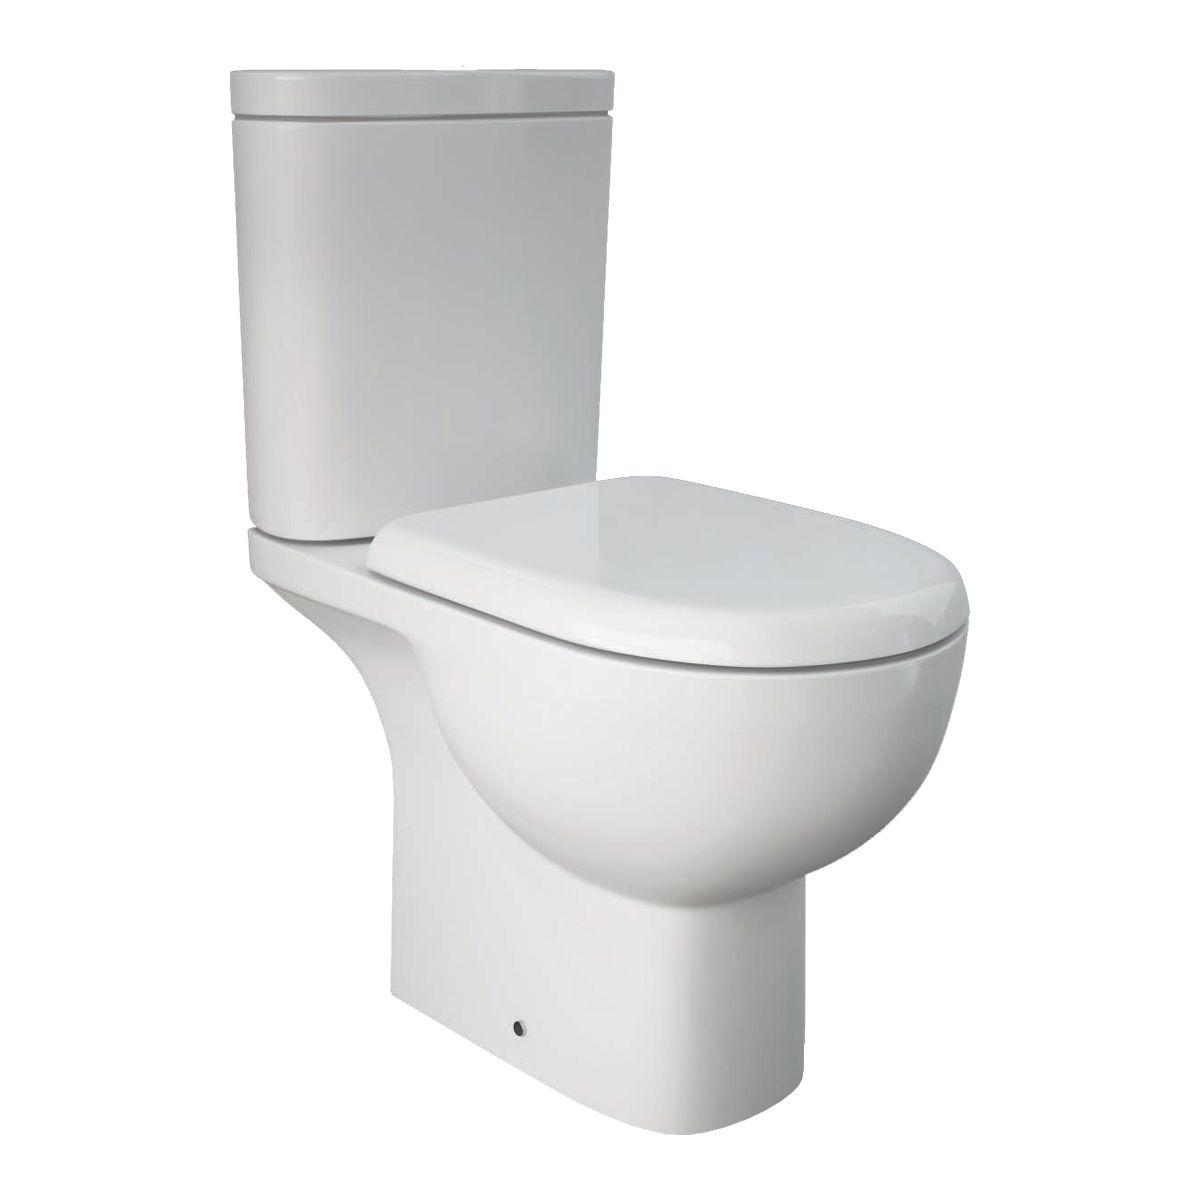 RAK Tonique Close Coupled Open Back Toilet